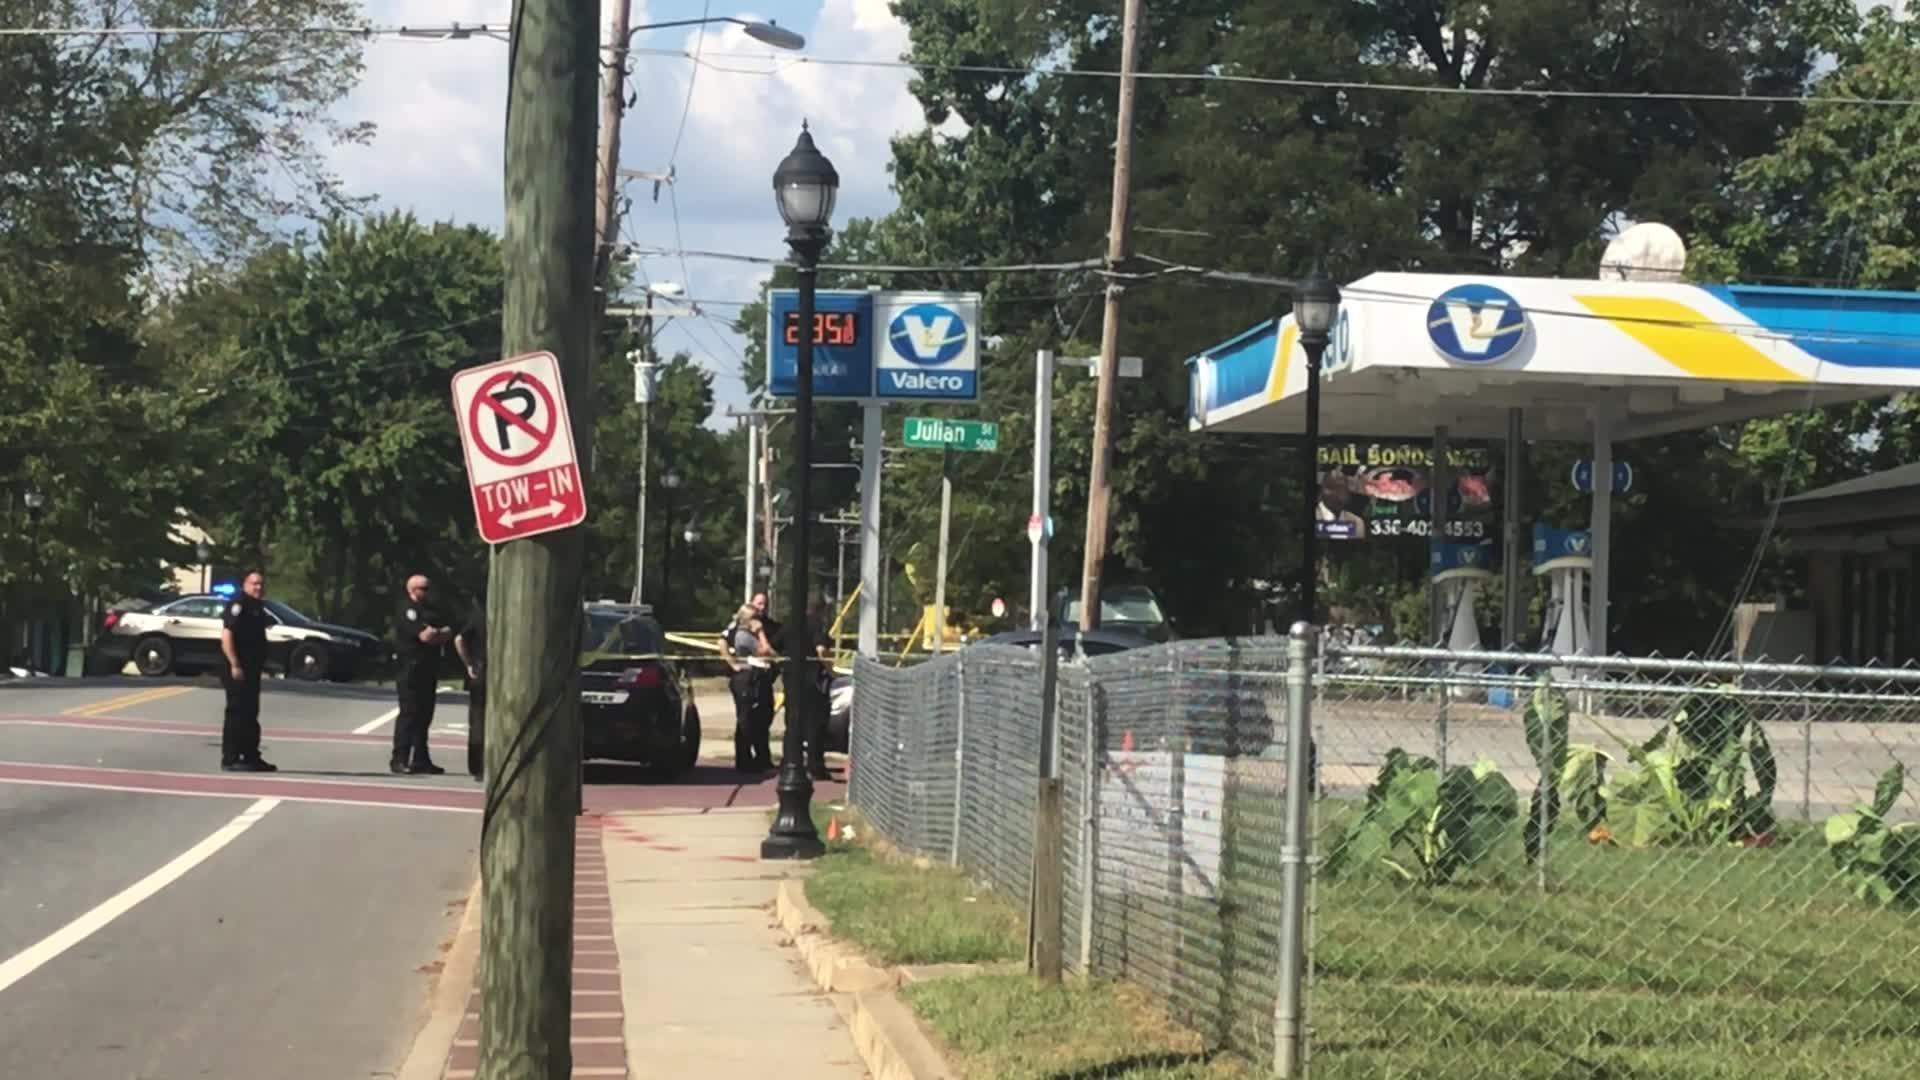 Greensboro police investigating 2 separate shootings over weekend; 2 people in hospital